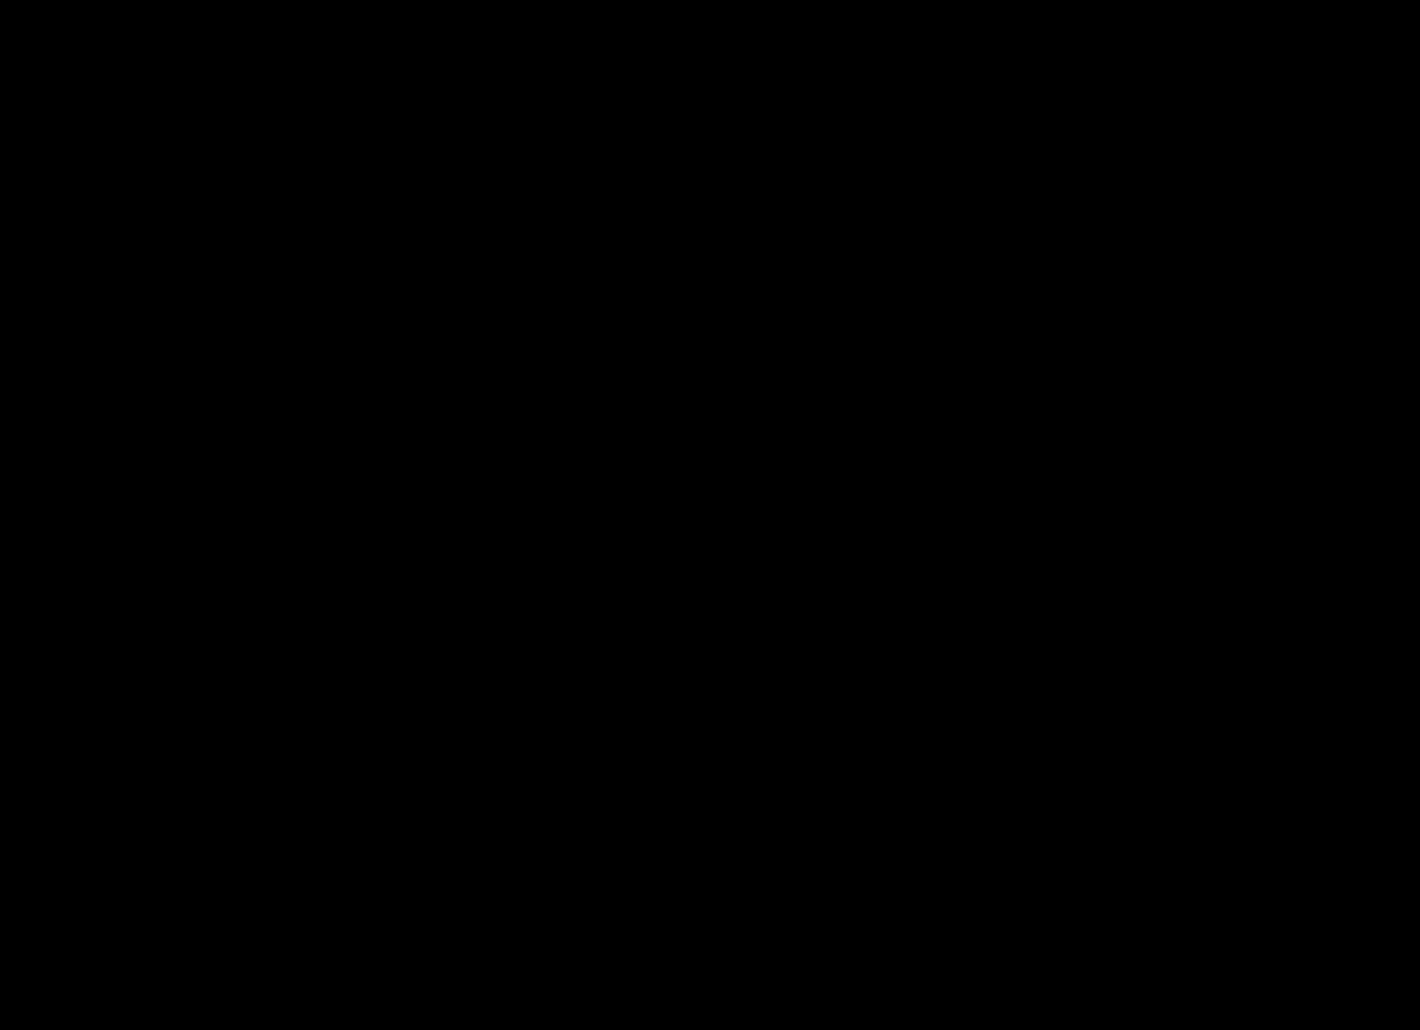 coctails-bg-02